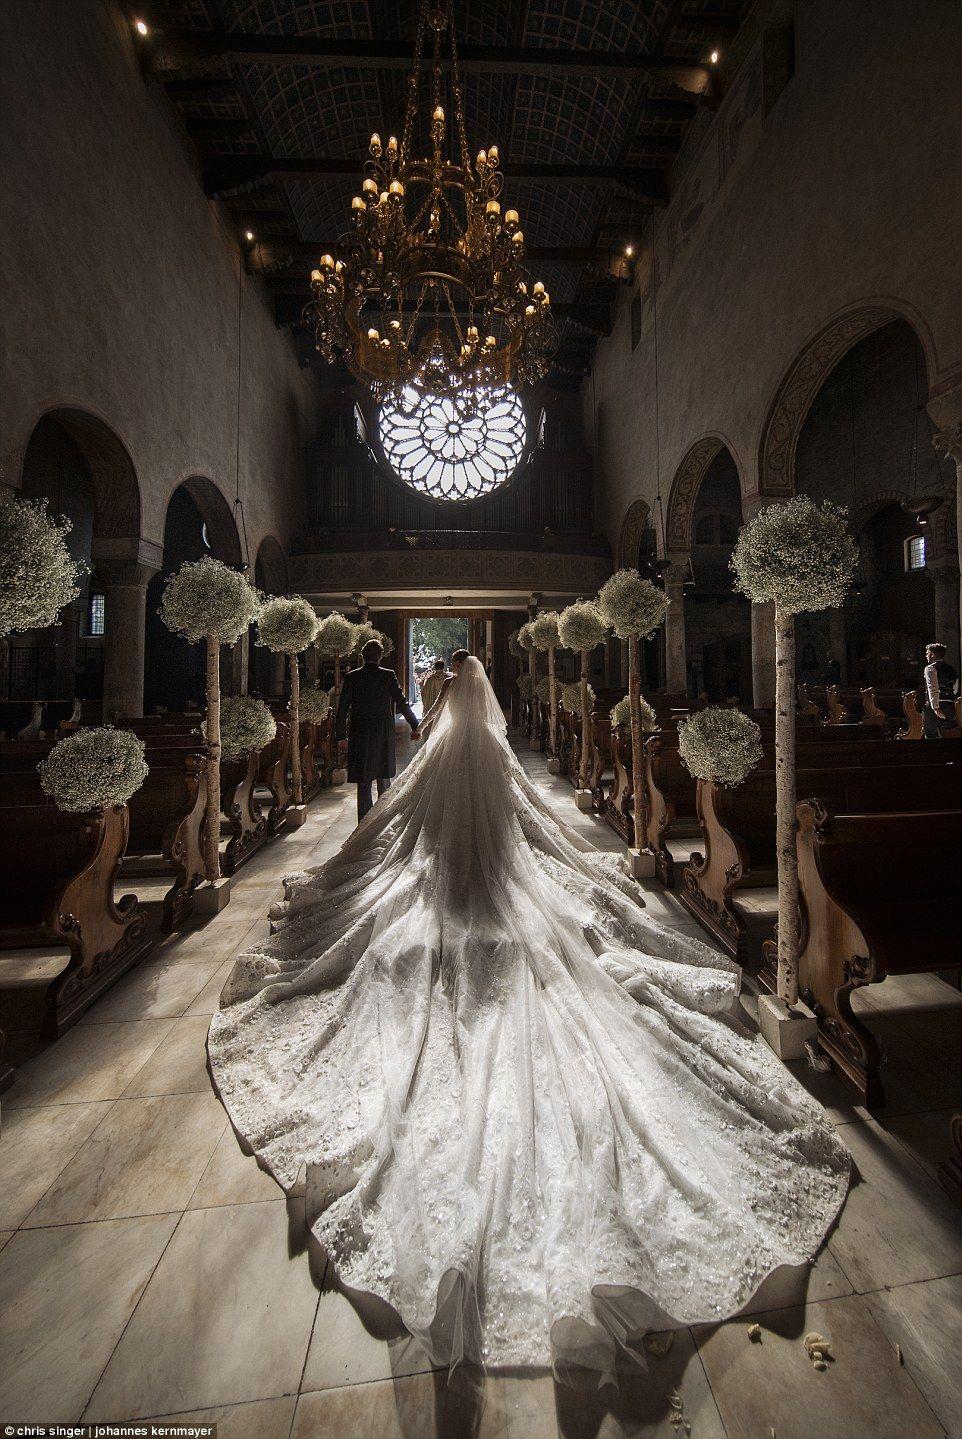 Gemstone heiress Victoria Swarovski marries in glittering event